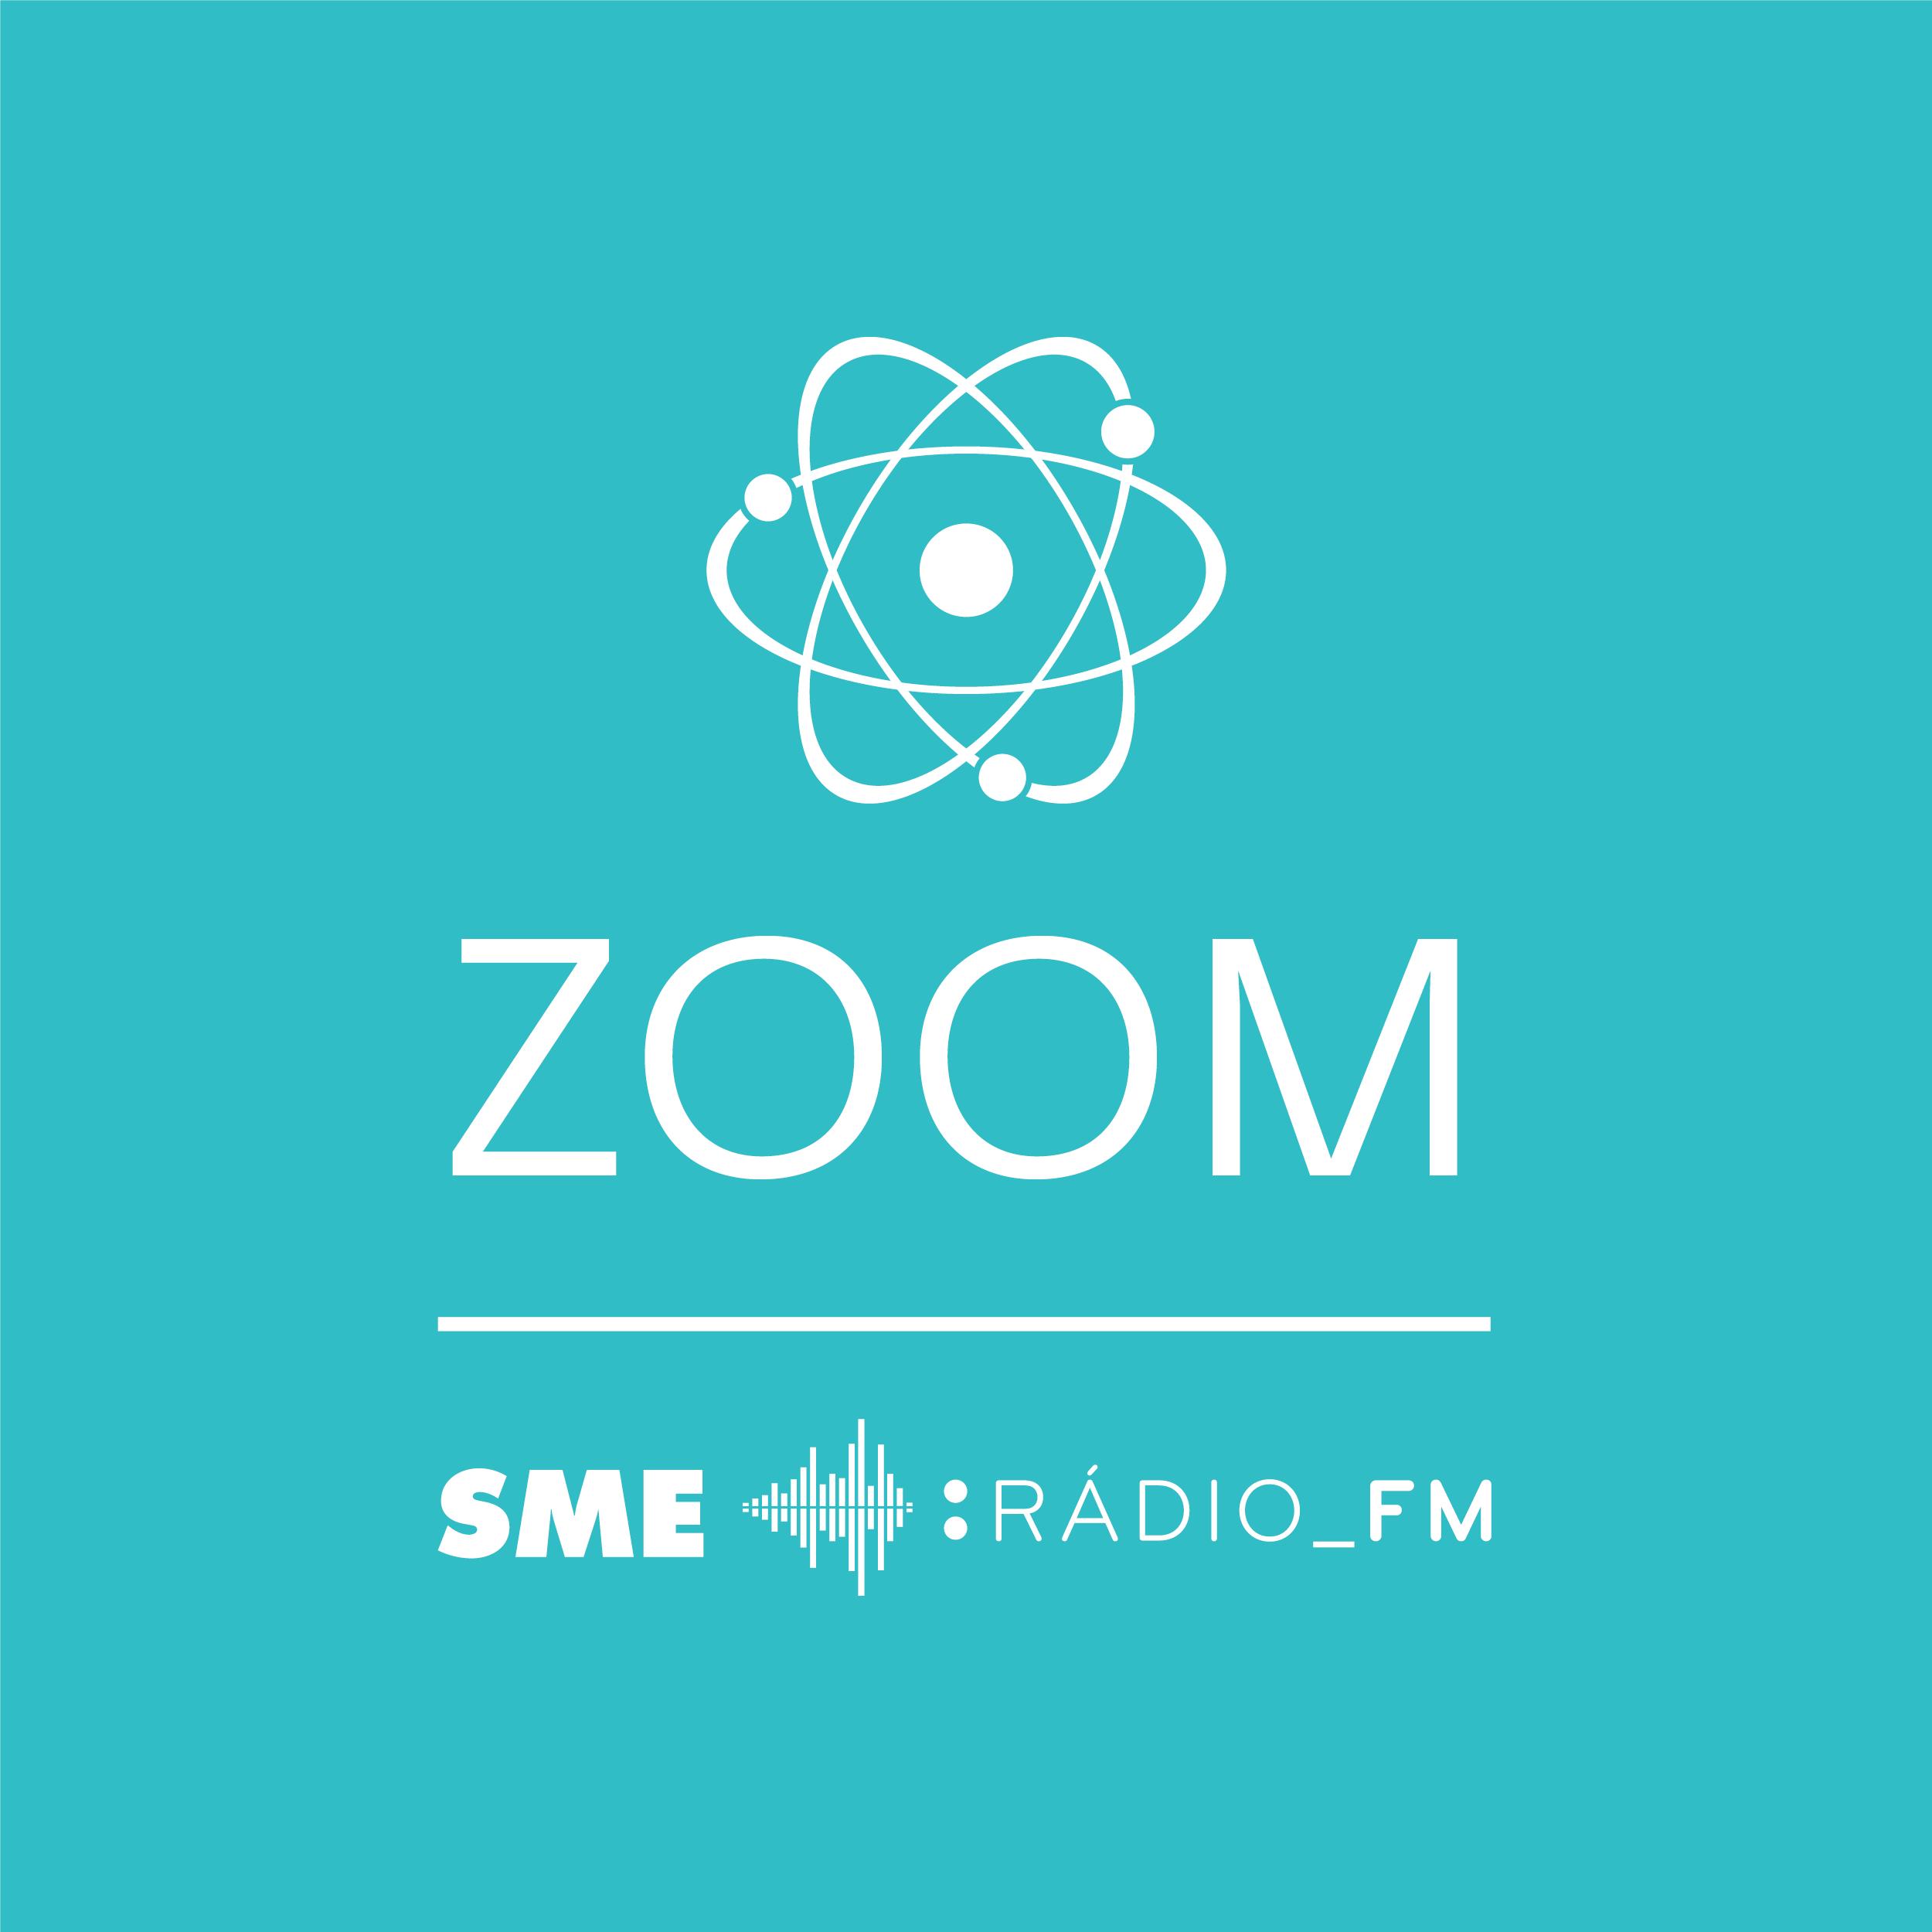 Zoom: Vedci zrejme objavili nový orgán, môže ísť o bunky bolesti